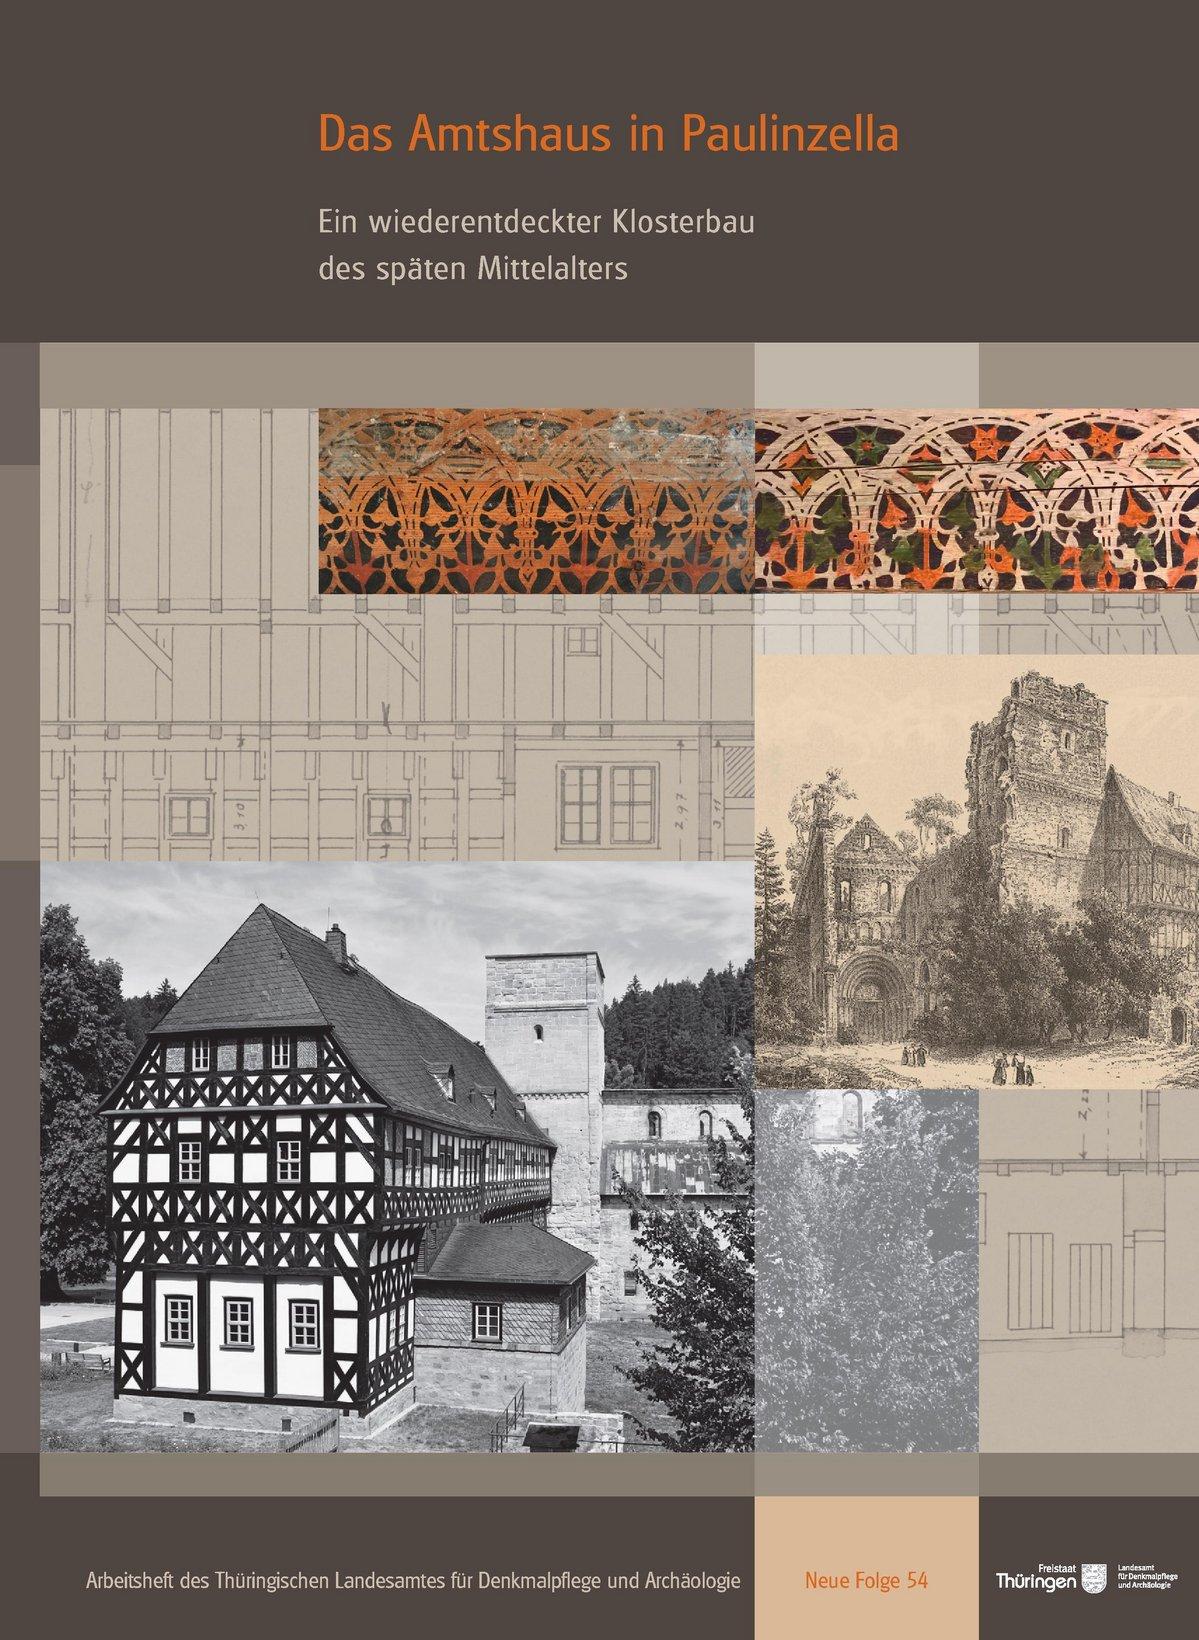 Titelbild Arbeitsheft NF 54, Schwarz-weiß Bild des Klosters Paulinzella auf braungehaltener Titelseite